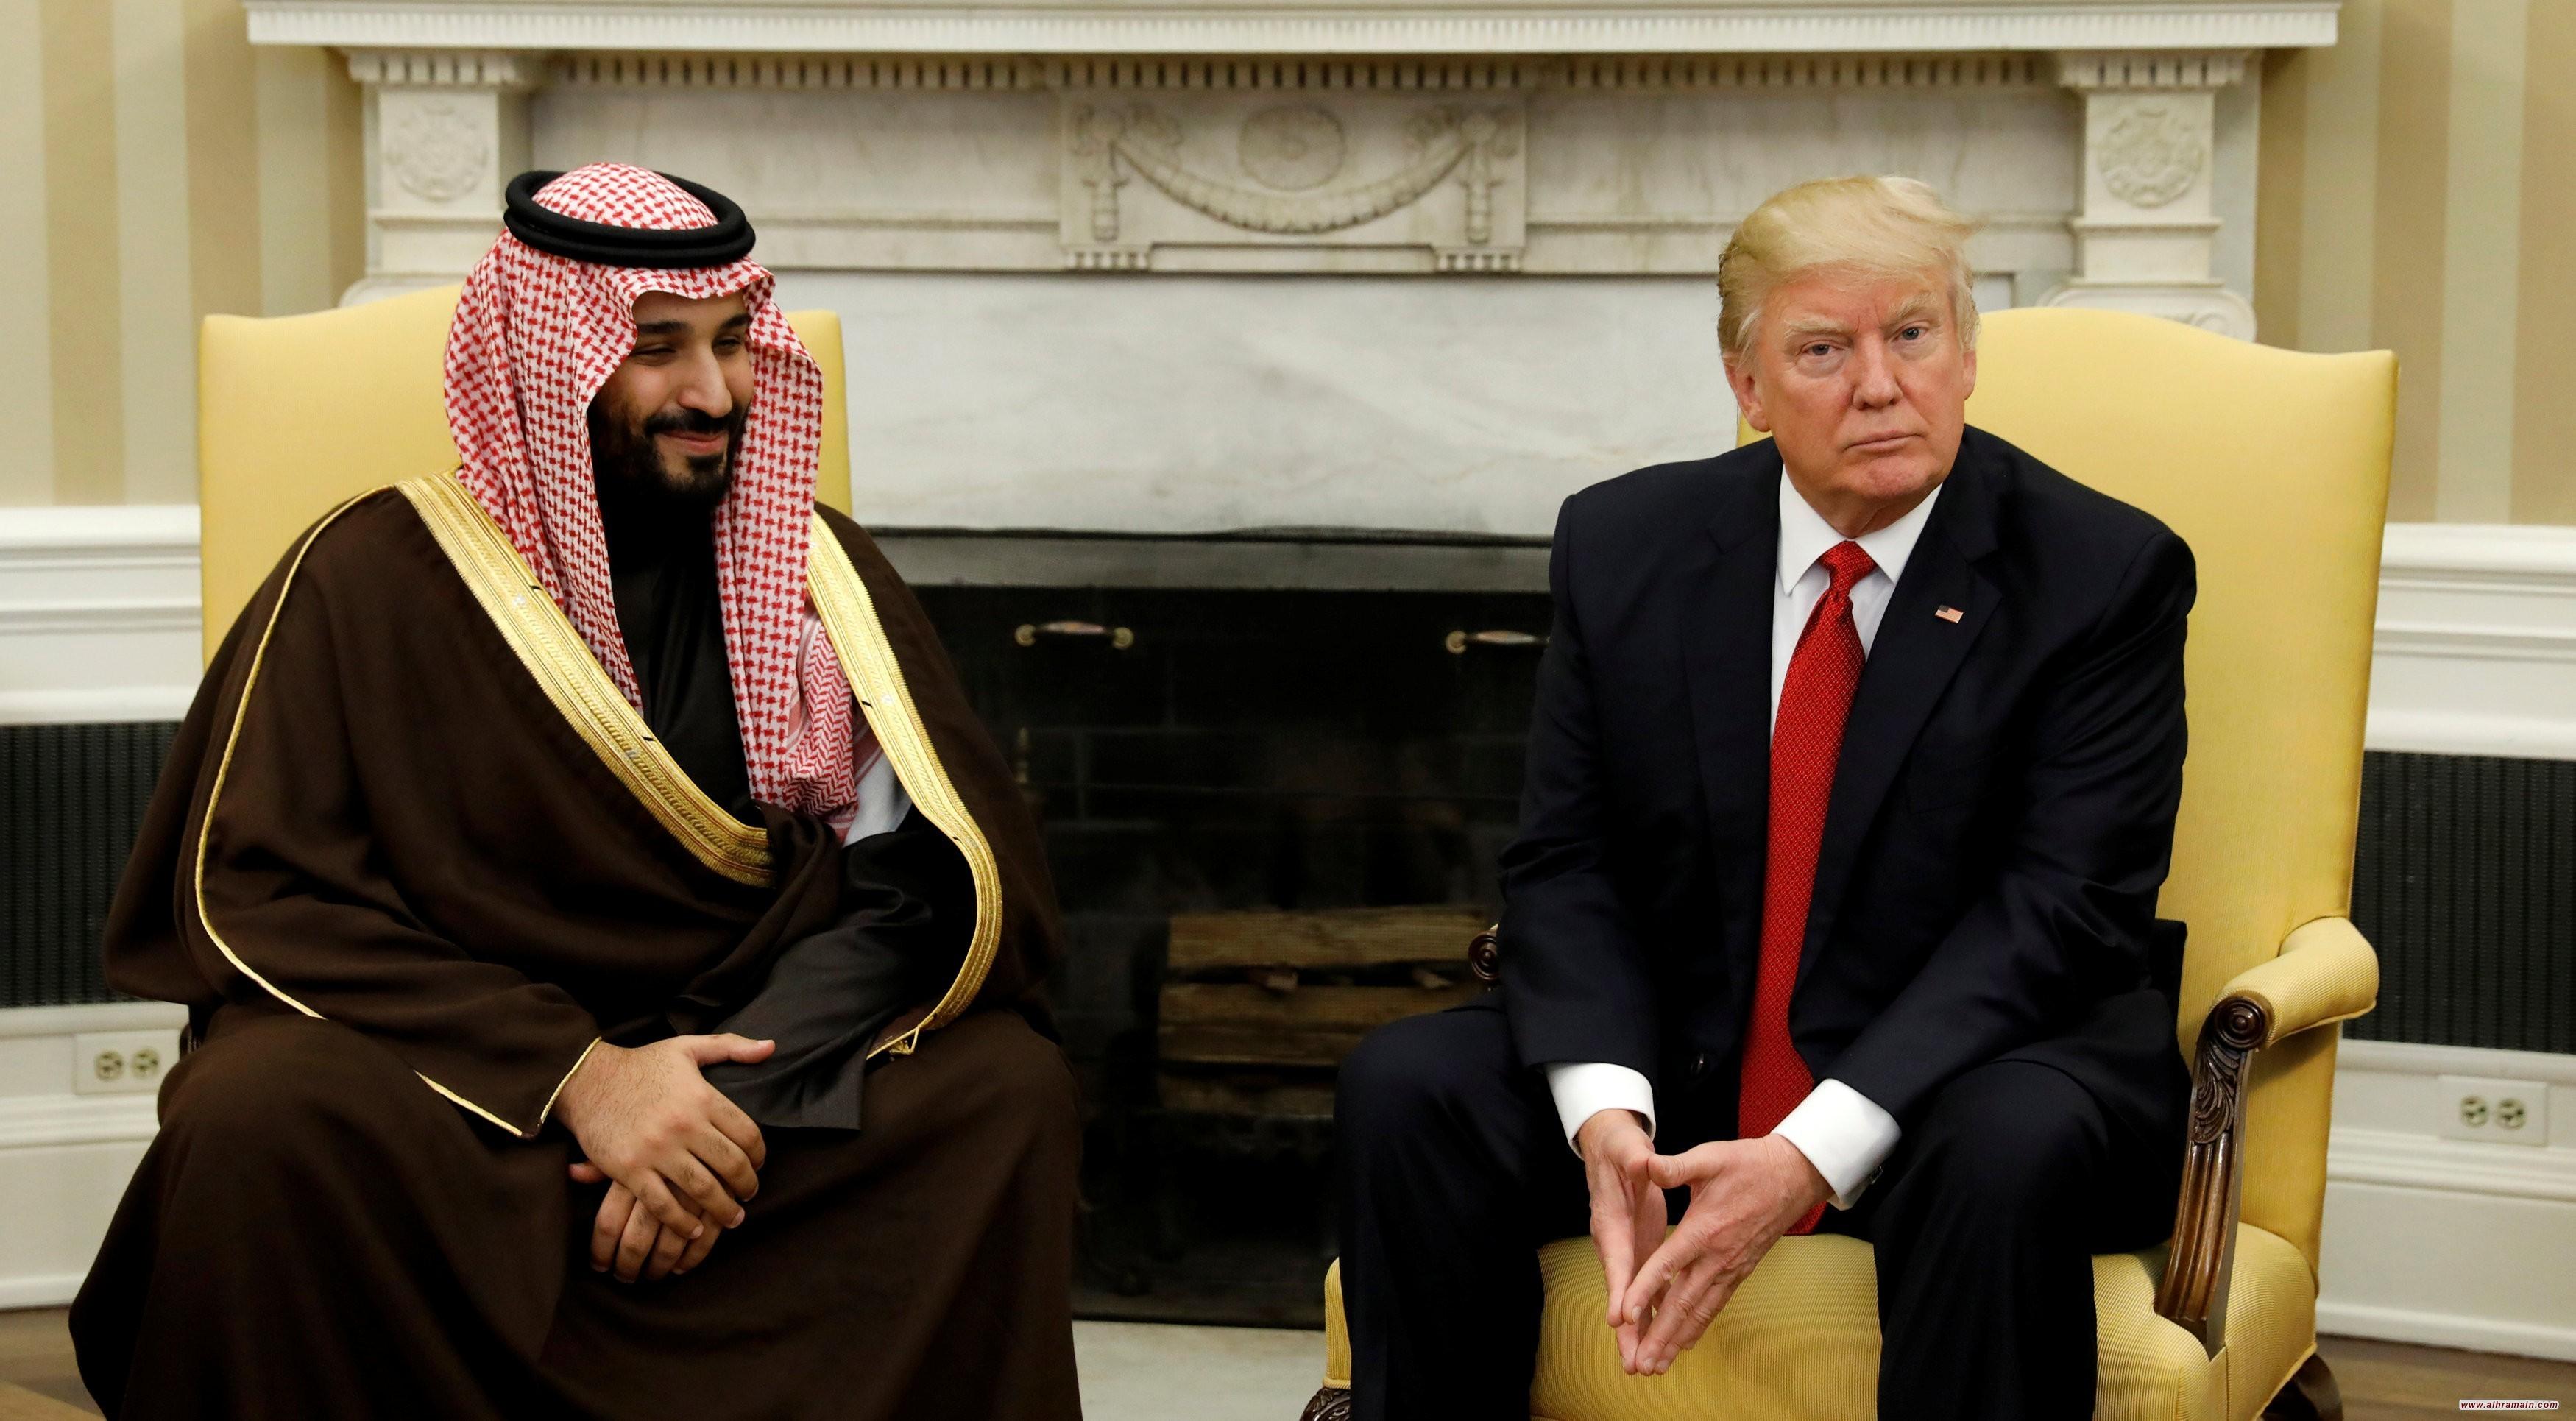 «و.بوست»: دعم «ترامب» للعدوانية السعودية يهدد الشرق الأوسط